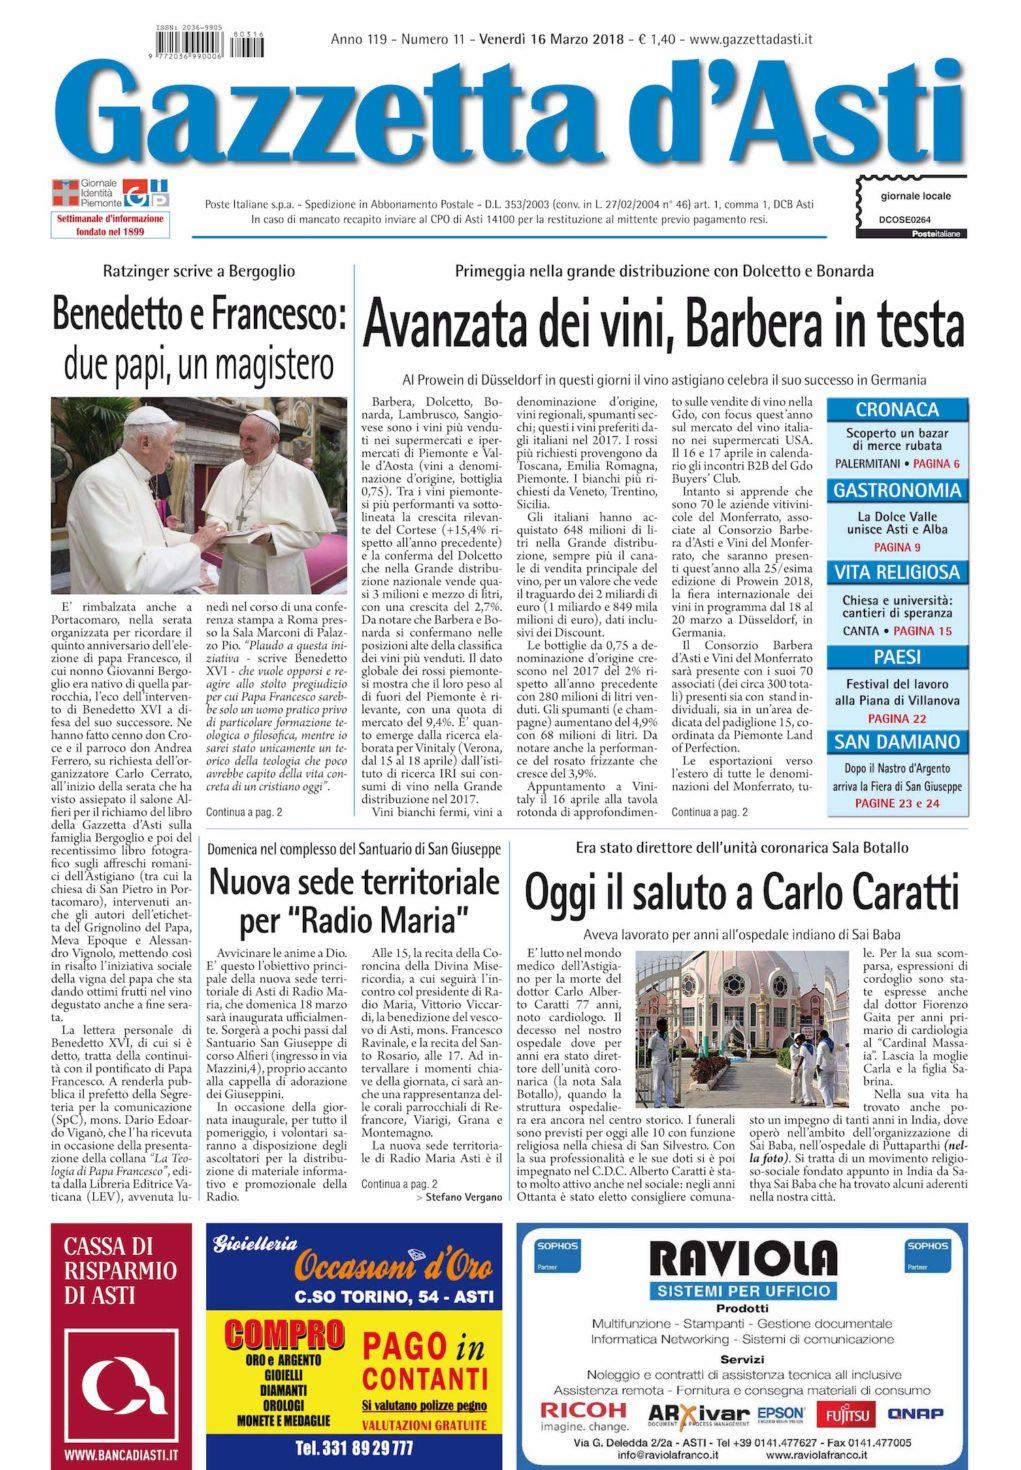 Prima pagina – 16 marzo 2018